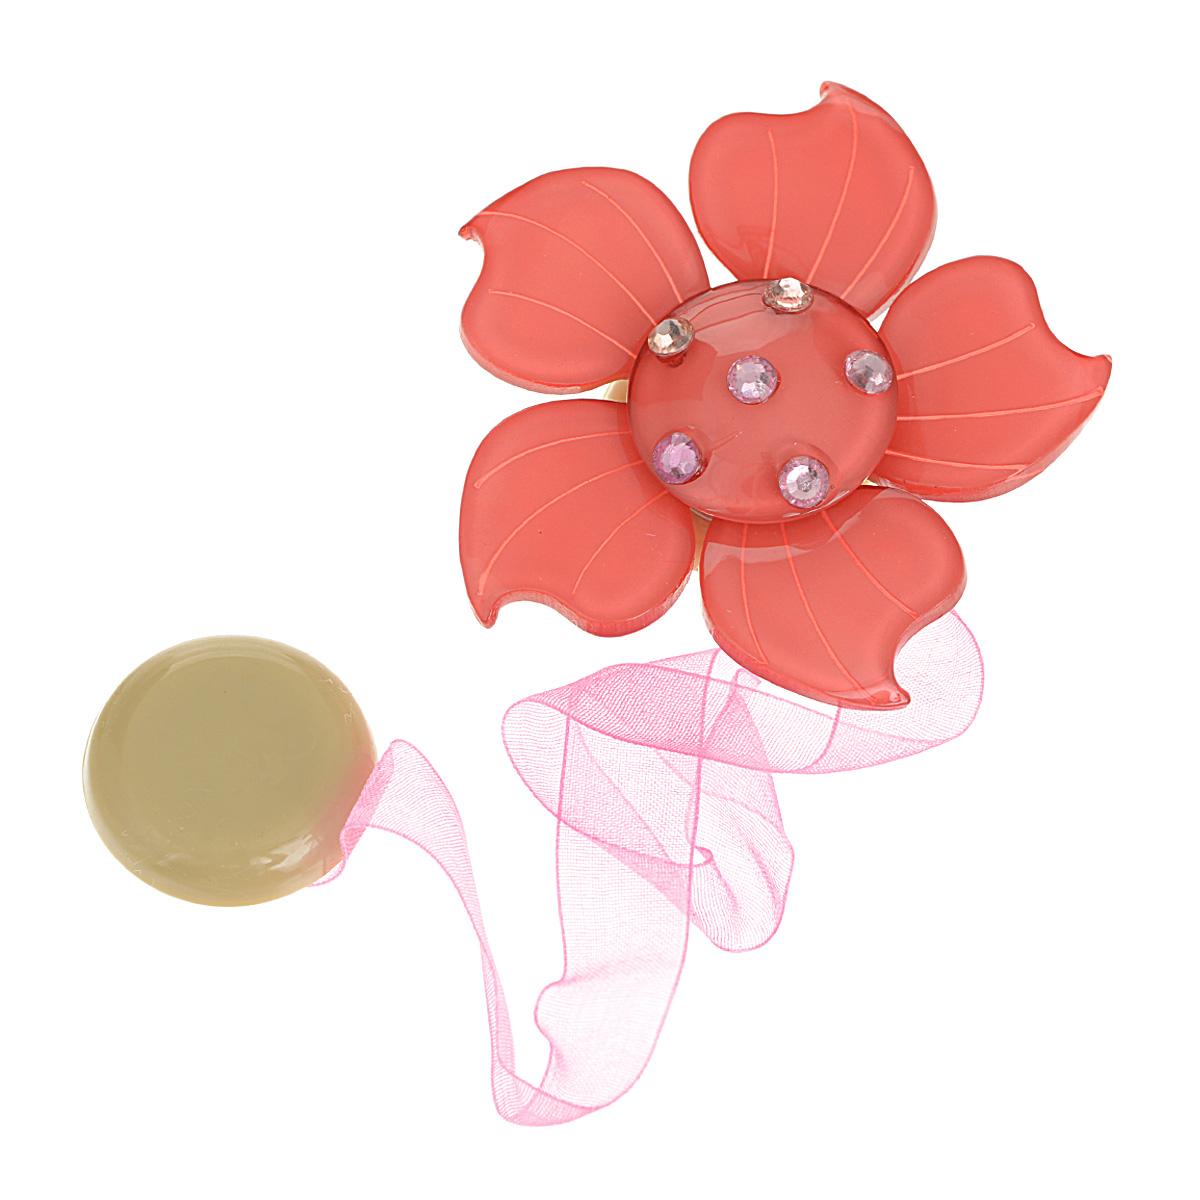 Клипса-магнит для штор Calamita Fiore, цвет: коралловый. 7704007_540CDF-16Клипса-магнит Calamita Fiore, изготовленная из пластика и текстиля, предназначена для придания формы шторам. Изделие представляет собой два магнита, расположенные на разных концах текстильной ленты. Один из магнитов оформлен декоративным цветком и украшен стразами. С помощью такой магнитной клипсы можно зафиксировать портьеры, придать им требуемое положение, сделать складки симметричными или приблизить портьеры, скрепить их. Клипсы для штор являются универсальным изделием, которое превосходно подойдет как для штор в детской комнате, так и для штор в гостиной. Следует отметить, что клипсы для штор выполняют не только практическую функцию, но также являются одной из основных деталей декора этого изделия, которая придает шторам восхитительный, стильный внешний вид.Диаметр декоративного цветка: 6 см.Диаметр магнита: 2,5 см.Длина ленты: 28 см.